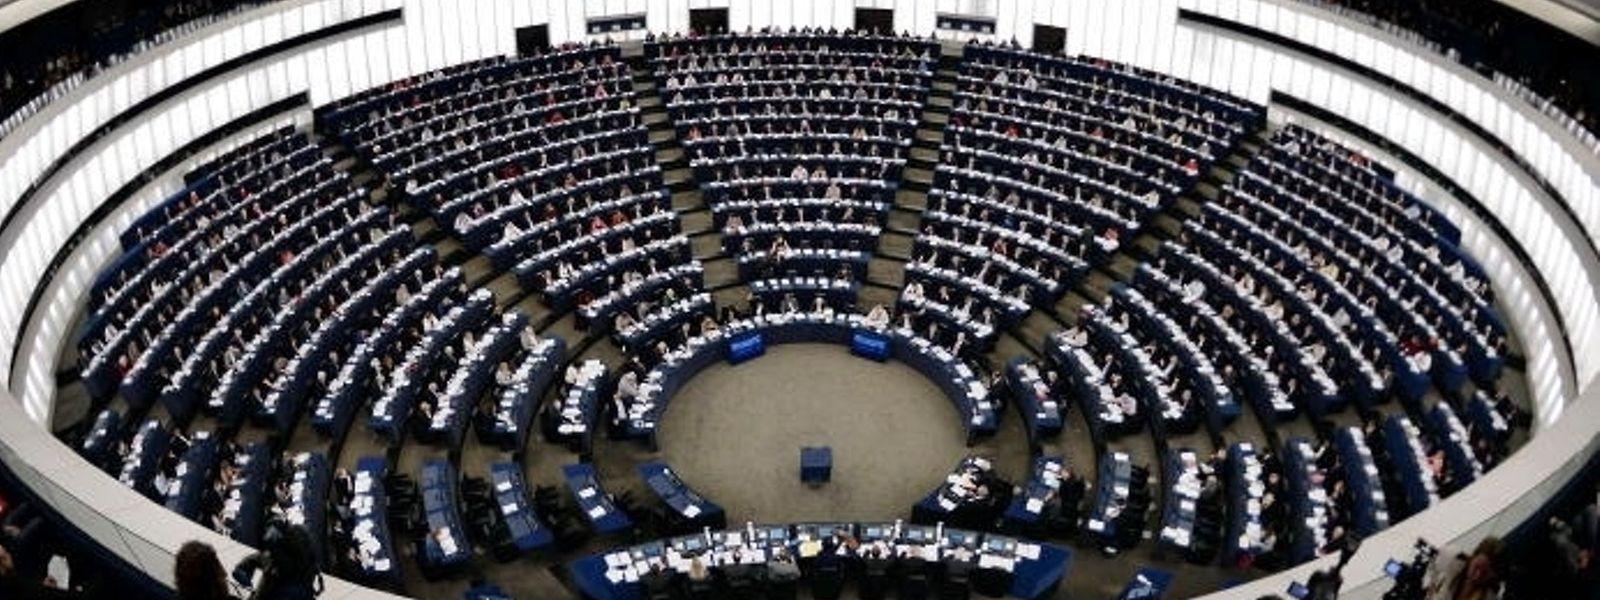 Moins de 40% des citoyens de l'UE savent que les élections européennes se tiendront en mai.